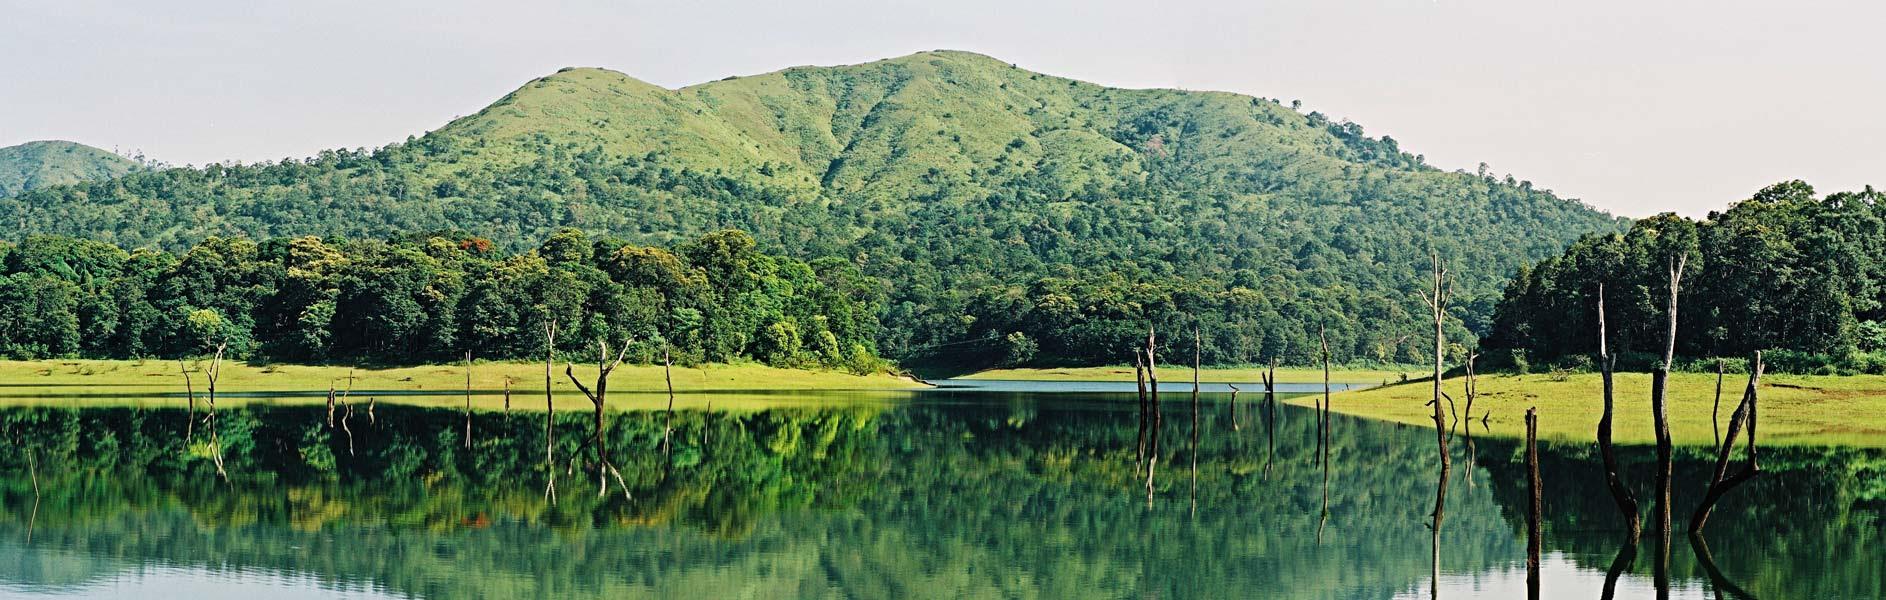 Periyar Lake, Tekkadi, Kerela